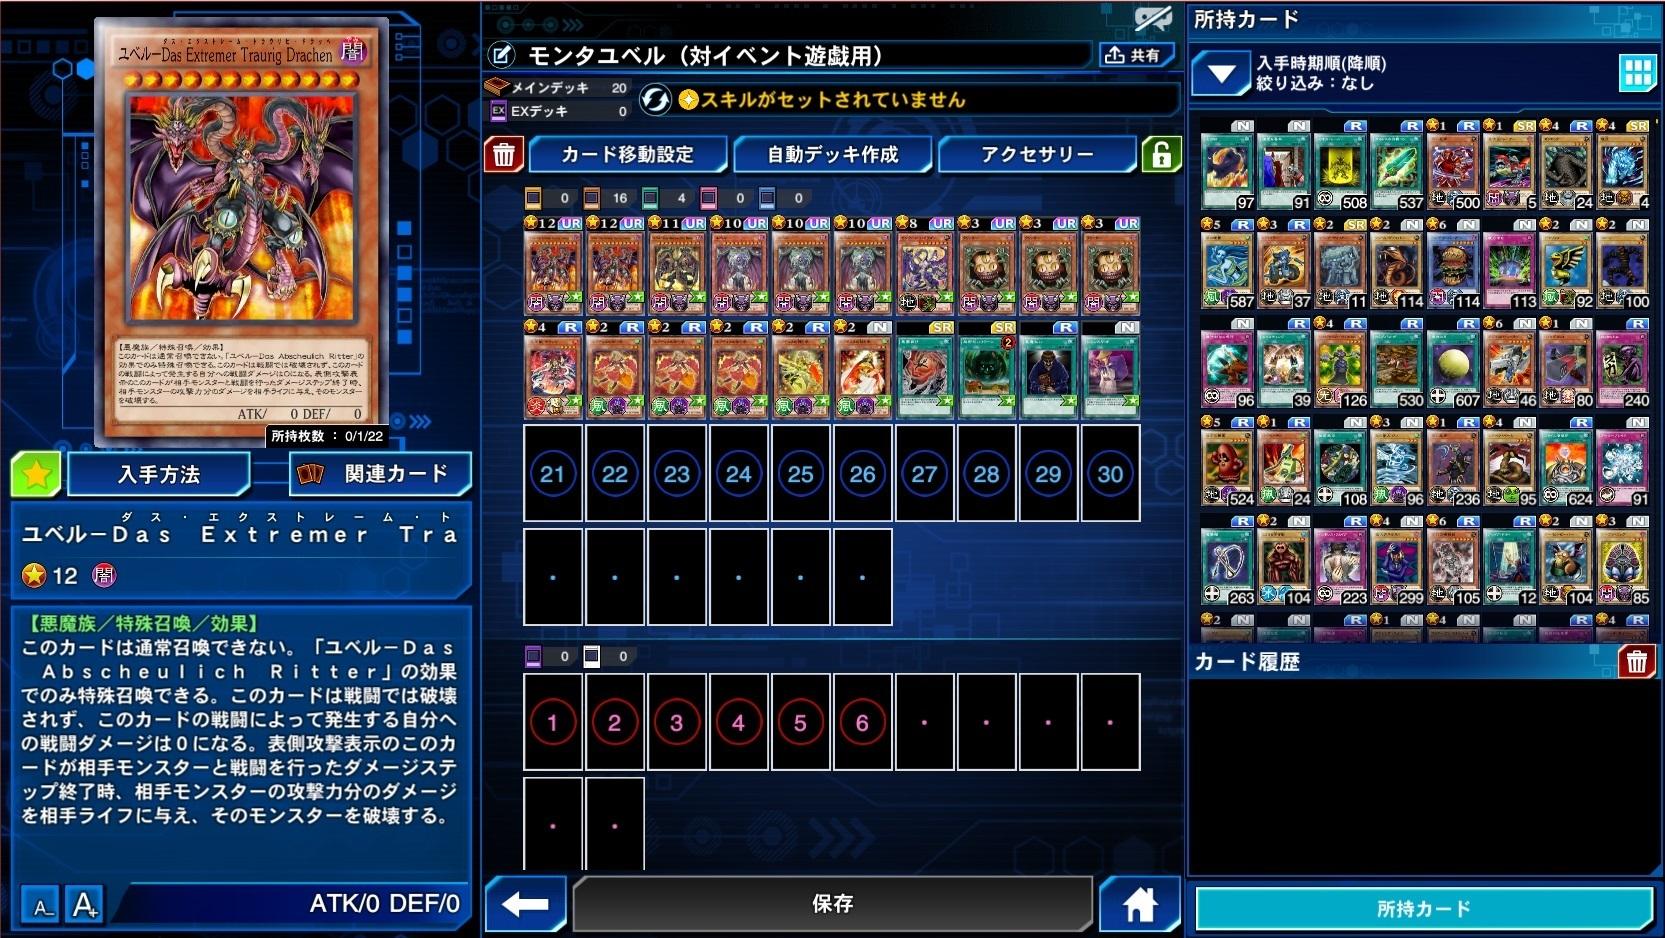 2020.2.24 モンタユベルイベント遊戯用1.jpg